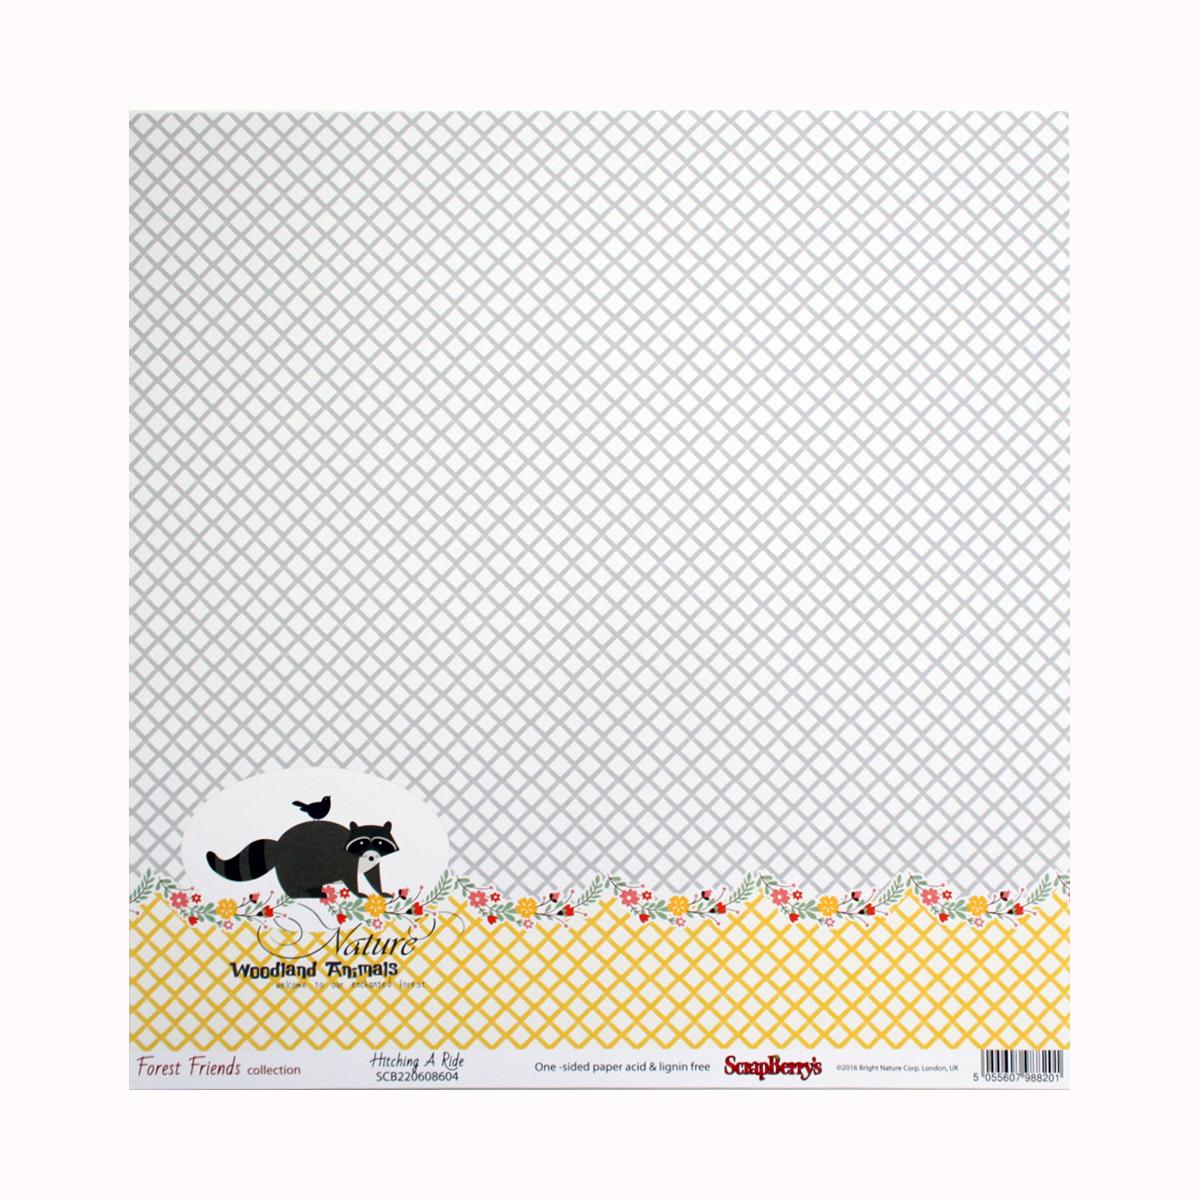 Бумага для скрапбукинга ScrapBerrys Лес чудес. Лесные друзья, 30,5 х 30,5 см, 10 листов. 497126497126